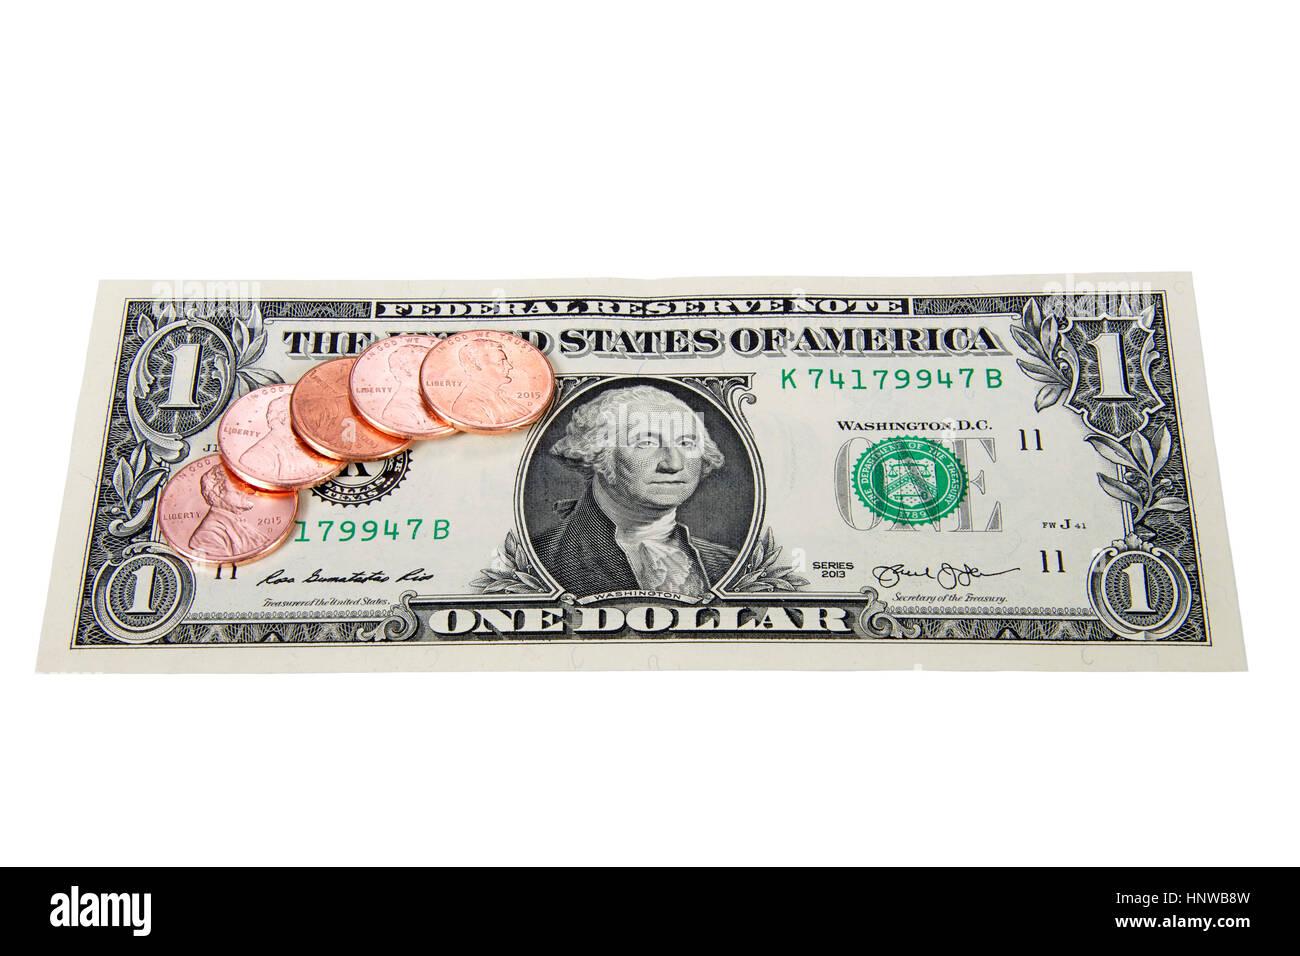 Pennies auf dem Dollar. Metapher oder Idiom für gutes Geschäft oder Deflation. Viel billiger, dann früher. Stockbild